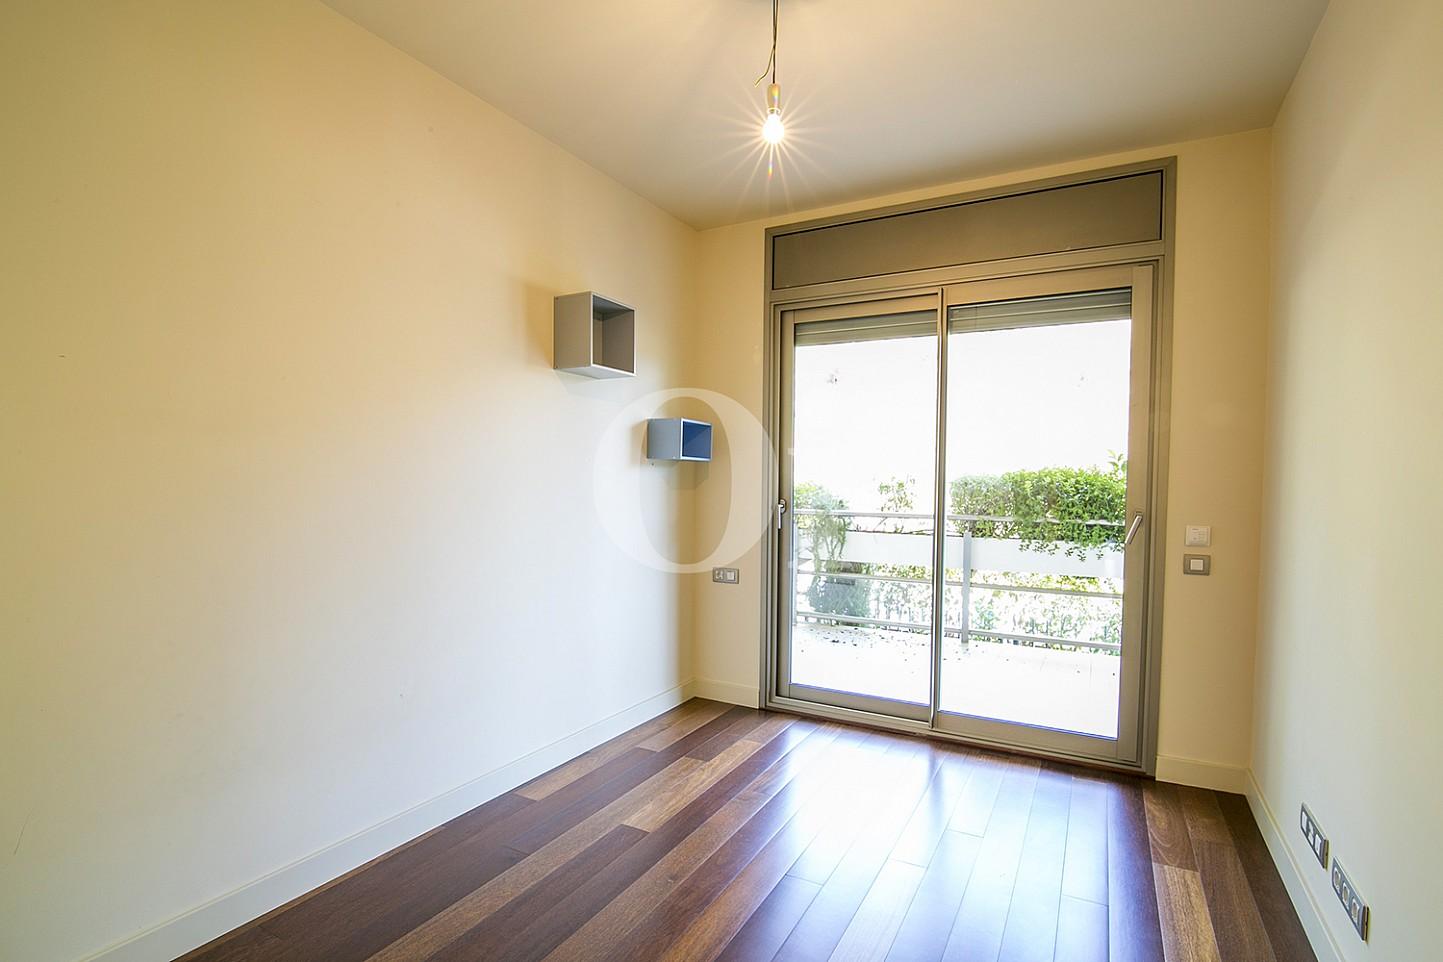 Habitació individual amb accés a l'exterior